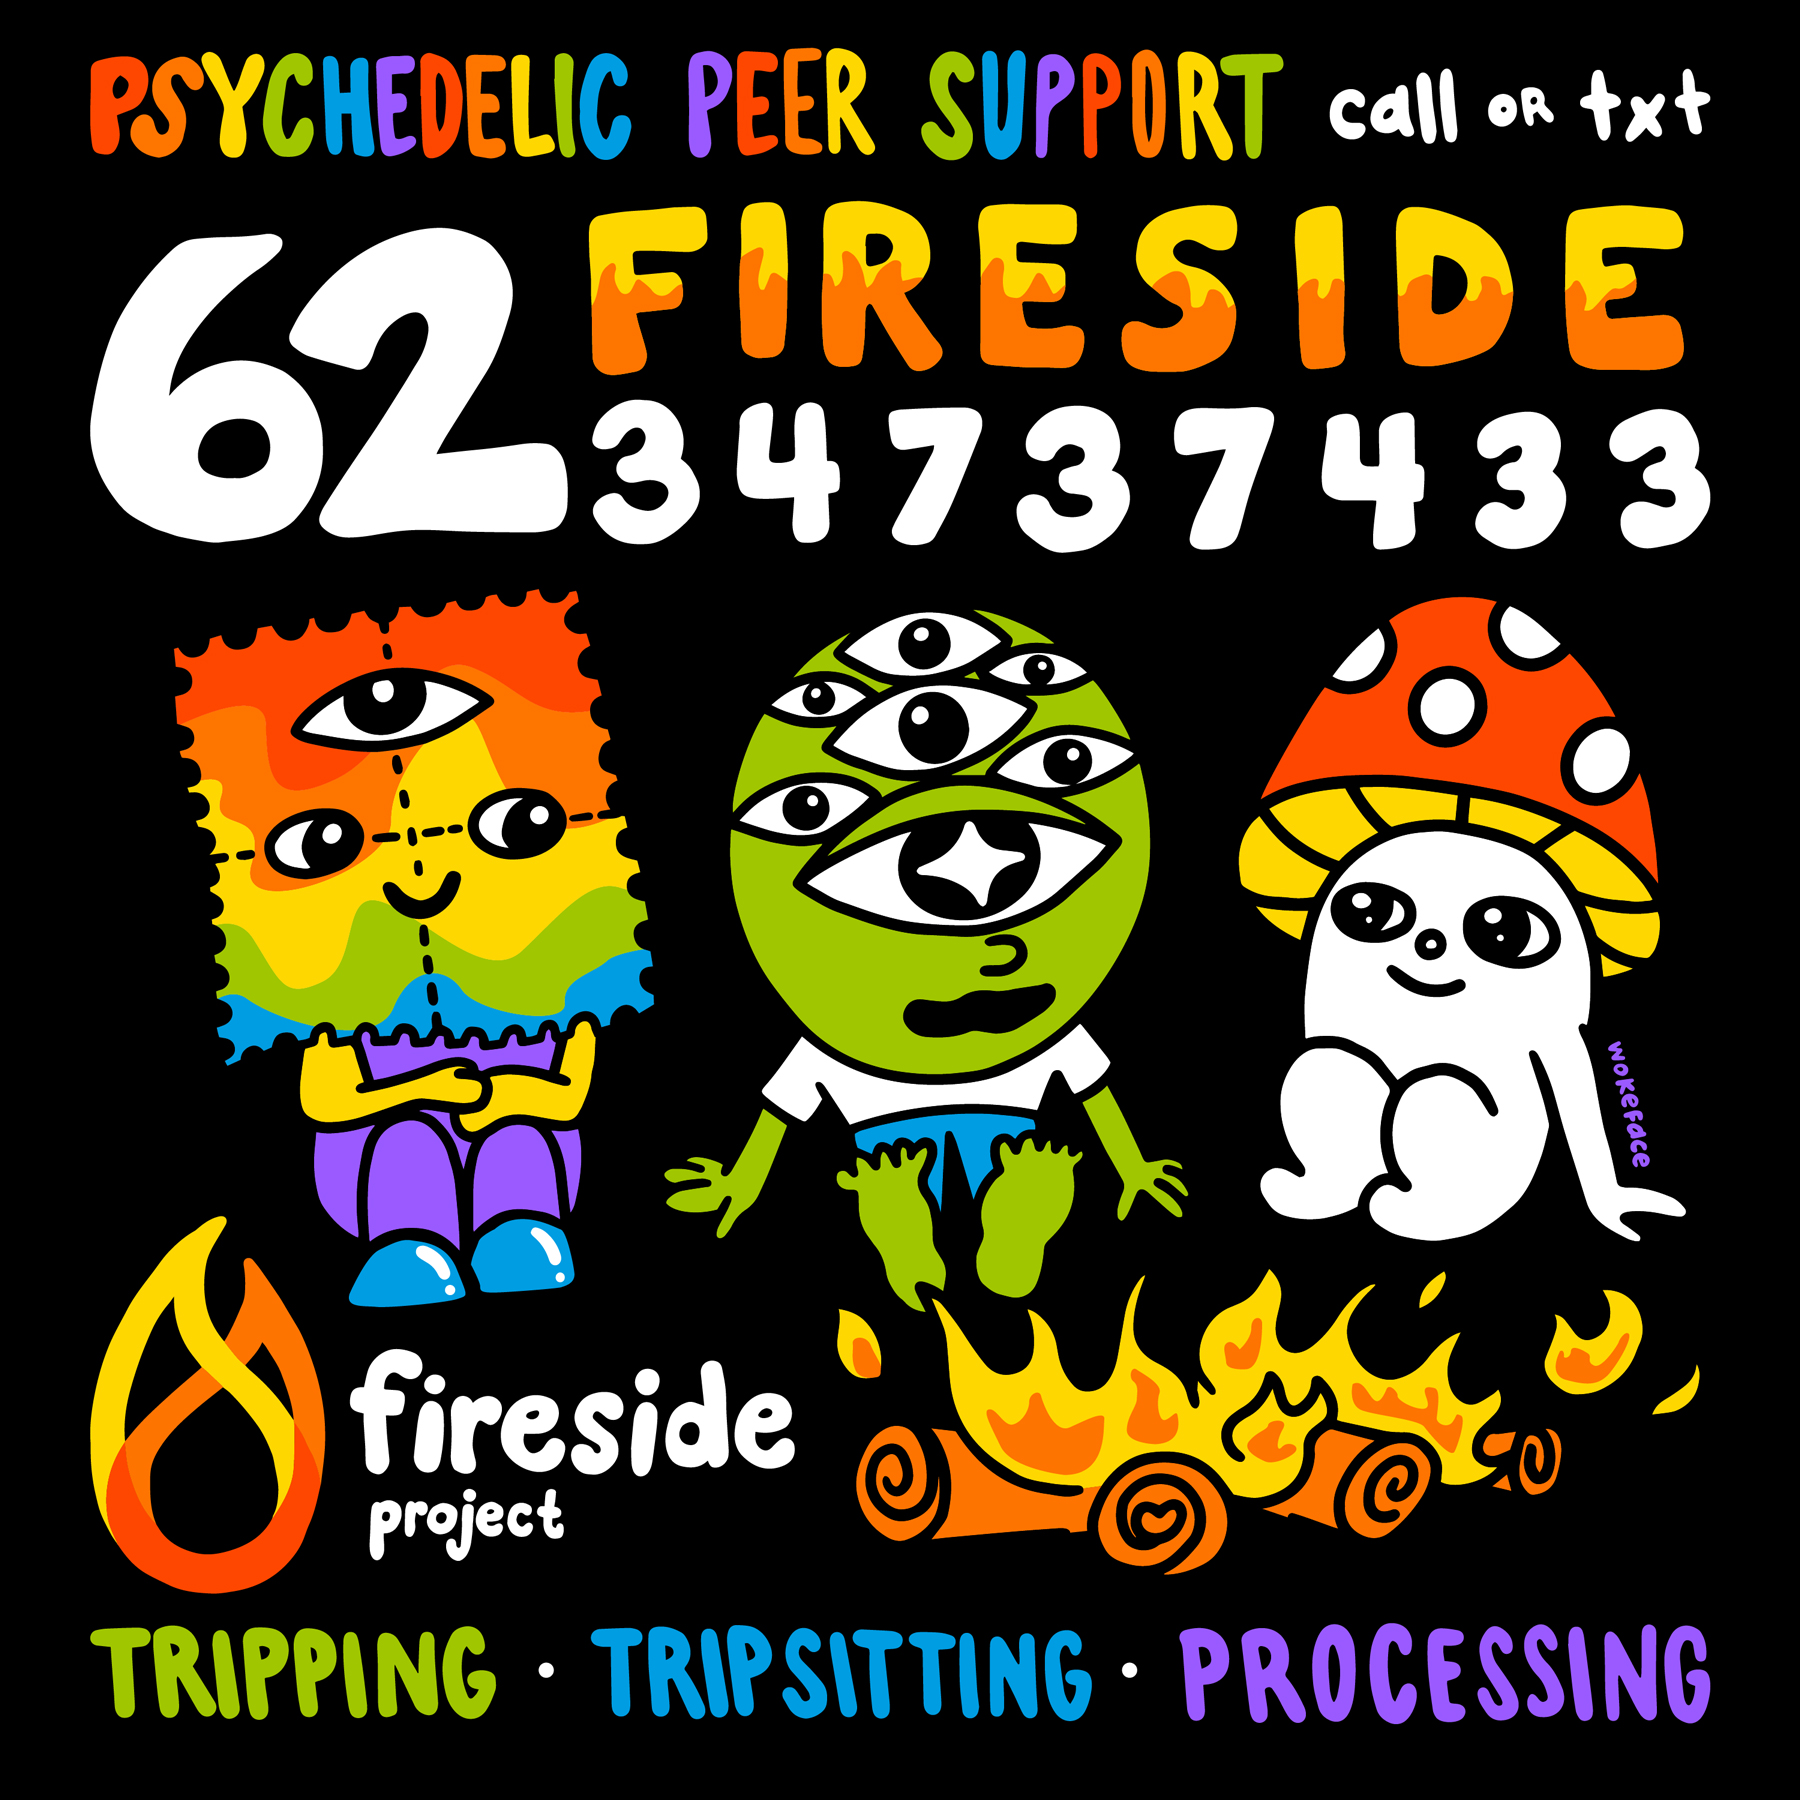 fireside psychedelic hotline